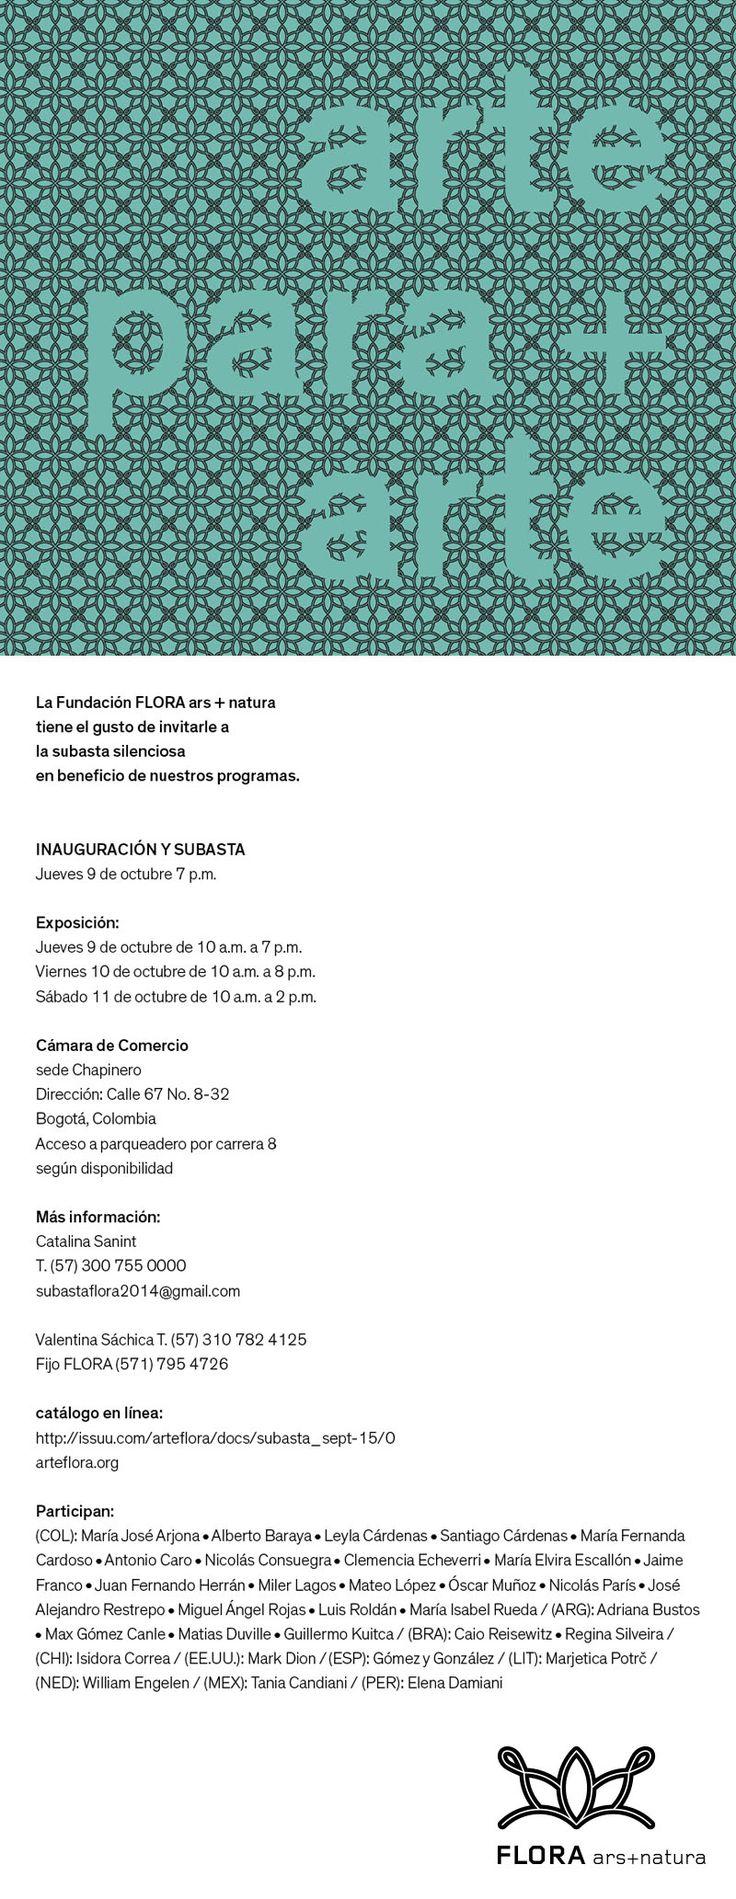 FLORA lo invita a la subasta silenciosa en beneficio de nuestros programas de 2015.  Cámara de Comercio de Bogotá, Sede Chapinero  Conozca el catálogo en línea: http://issuu.com/arteflora/docs/subasta_sept-15   Más información: subastaflora2014@gmail.com Catalina Sanint, T: (57) 300 755 0000 Valentina Sáchica T: (57) 310 782 4125 Flora Ars+Natura T: (57) 1 7954726